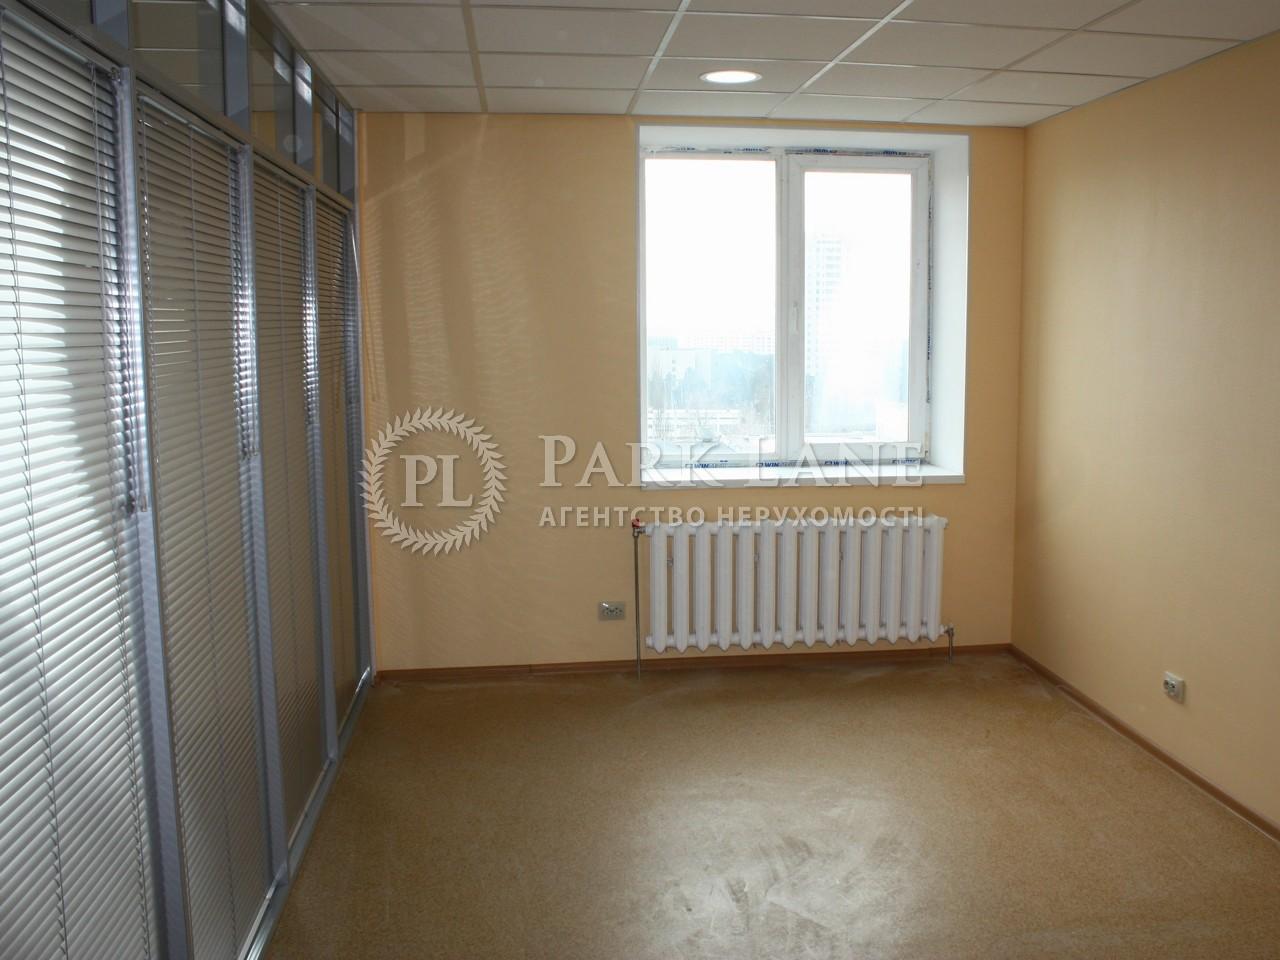 Нежилое помещение, ул. Бориспольская, Киев, R-33446 - Фото 10